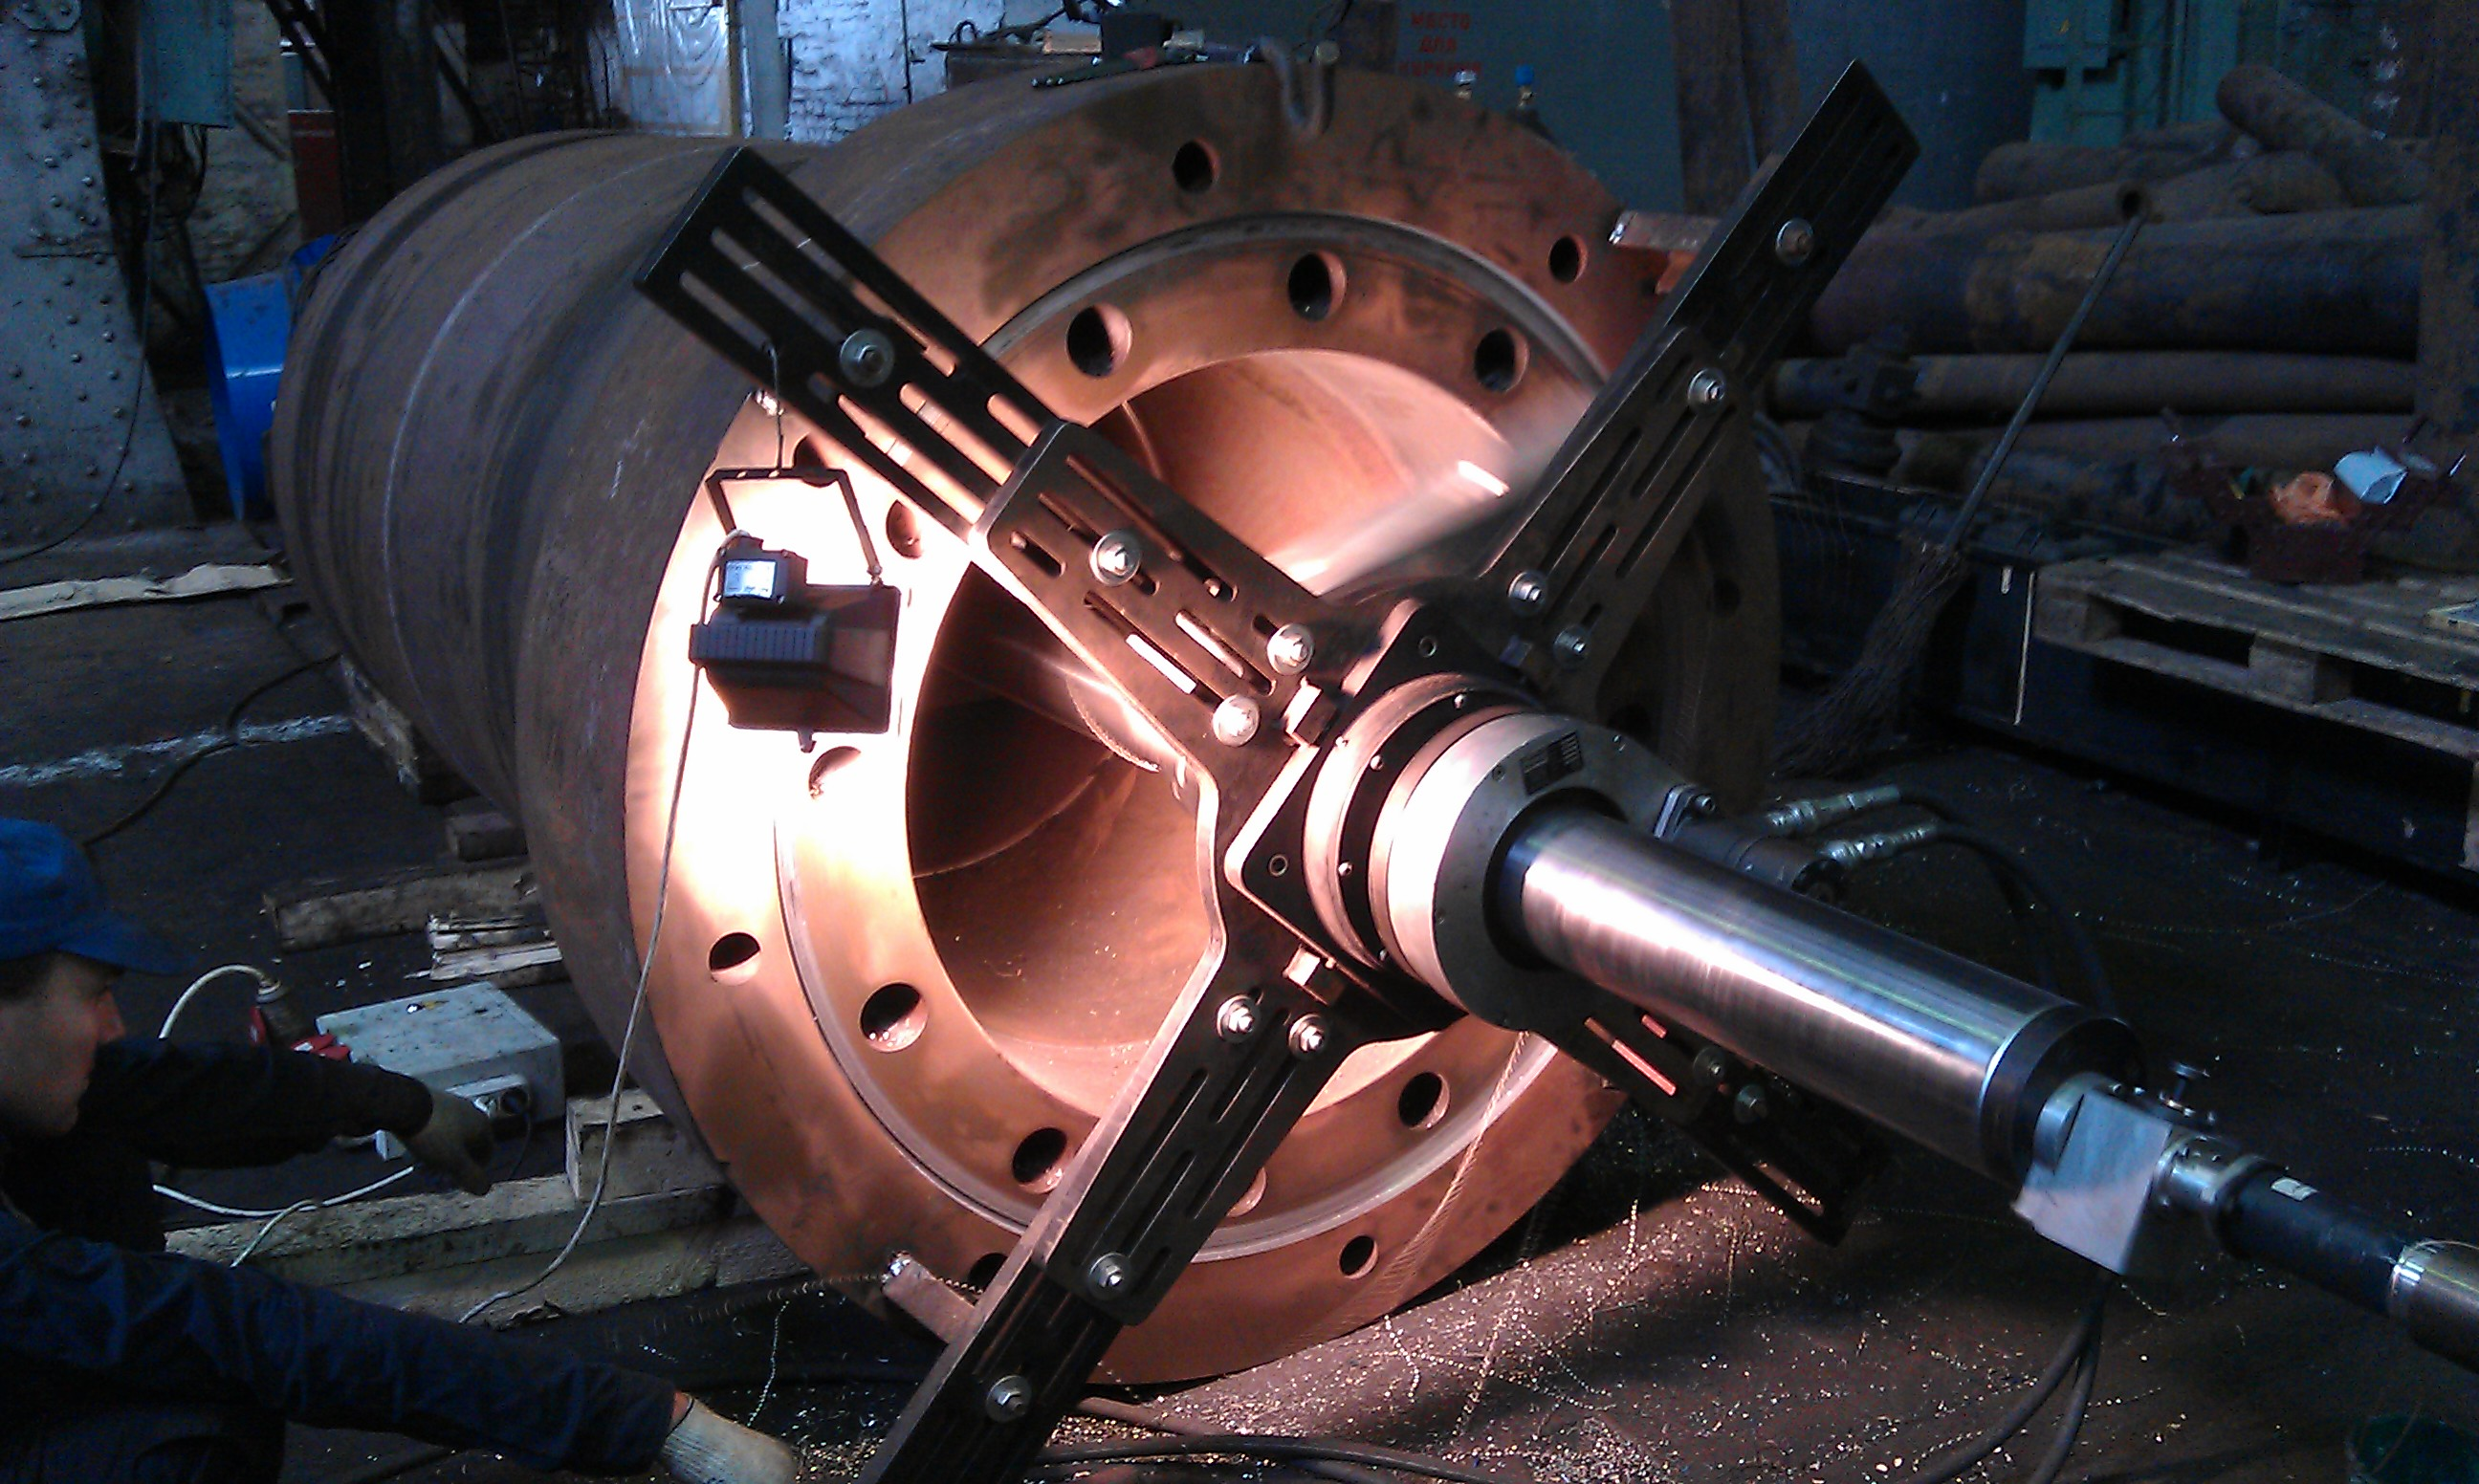 Обработка внутренней цилиндрической поверхности Ø1220 мм рабочего цилиндра гидравлического ковочного пресса силой 20 МН (Dunkan) мобильным расточным станком Mirage LB-150